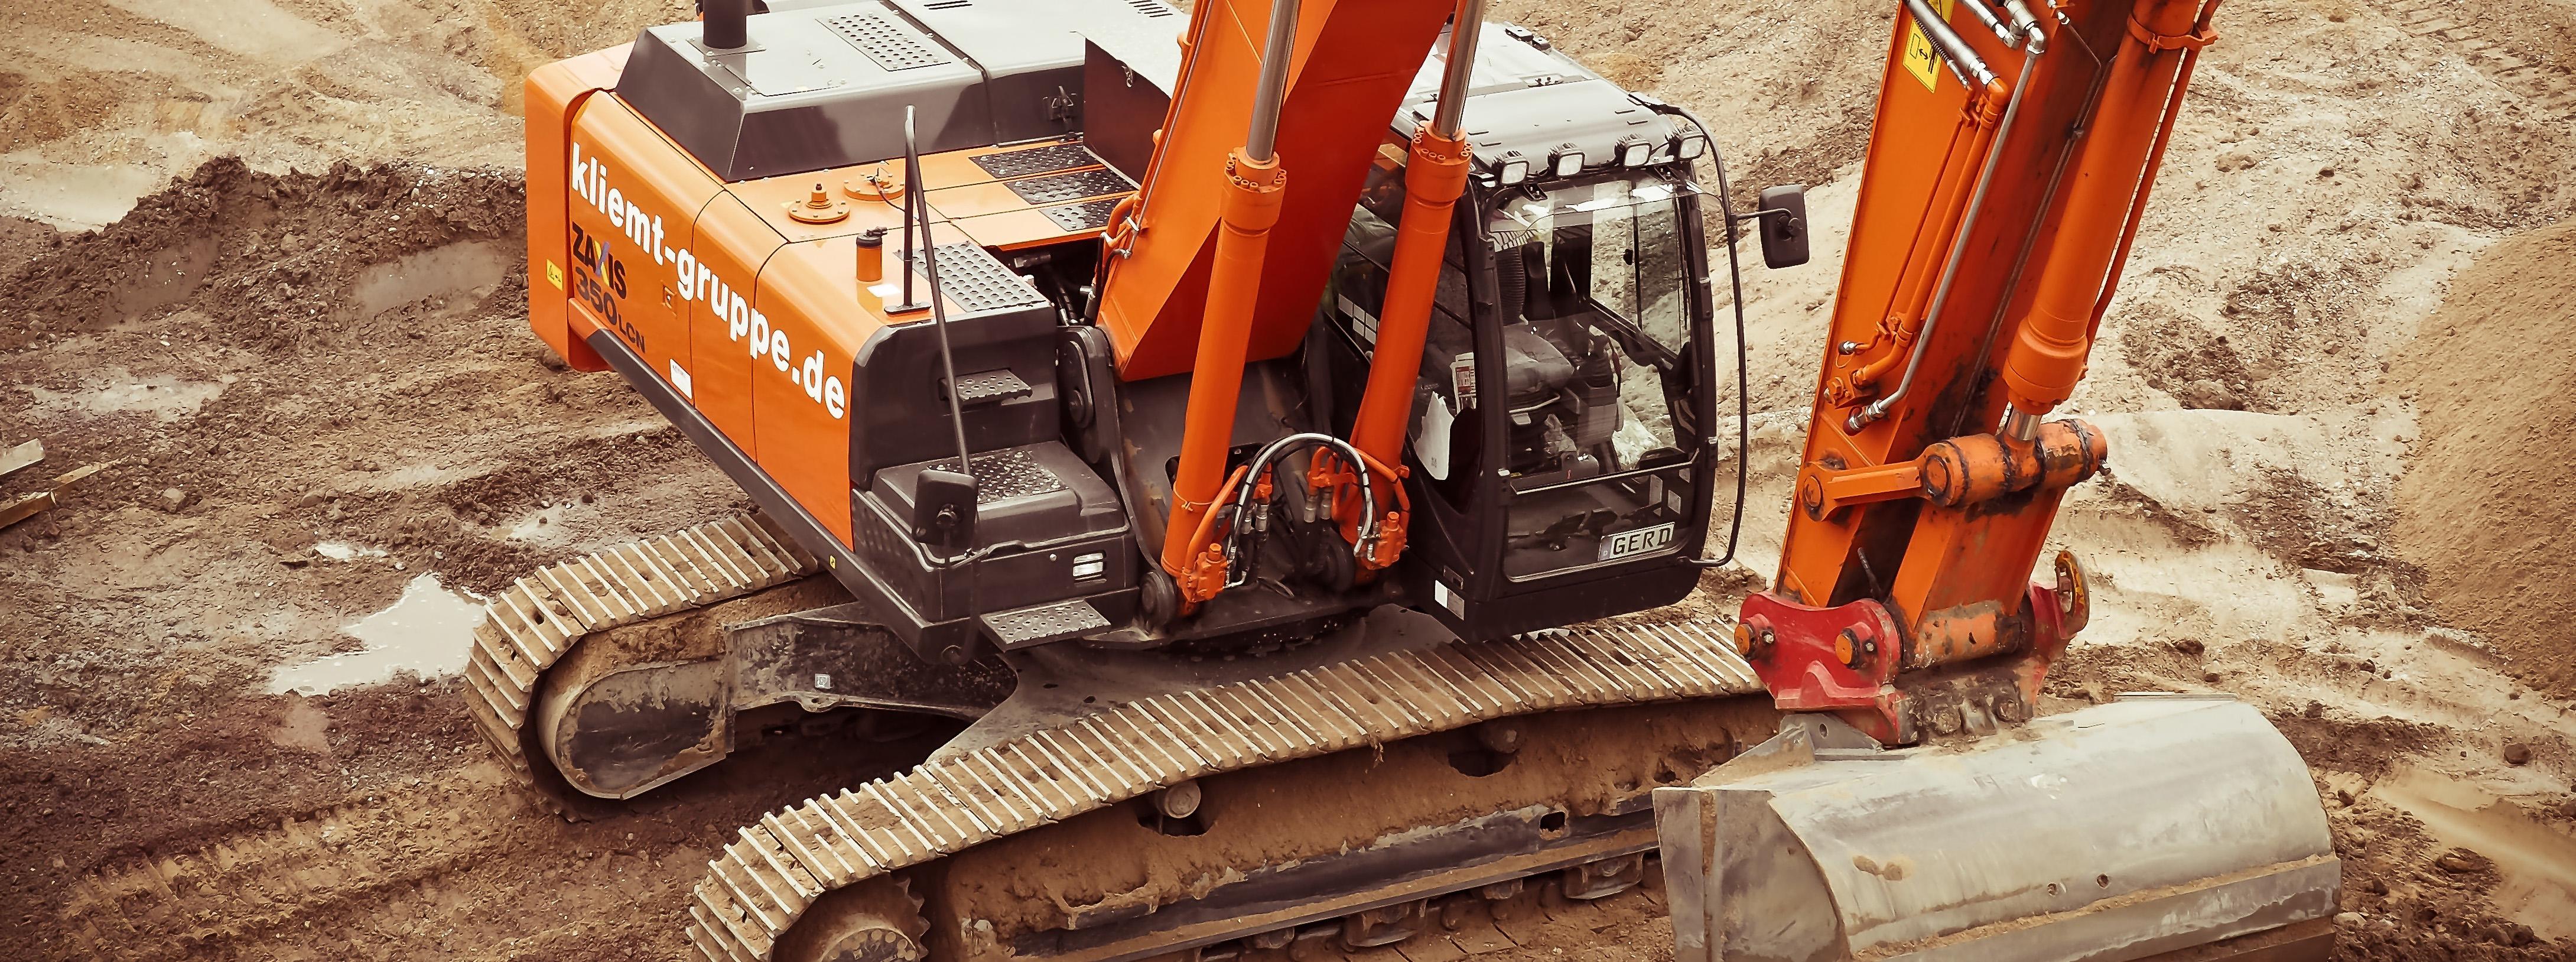 Best Practices in Building Equipment